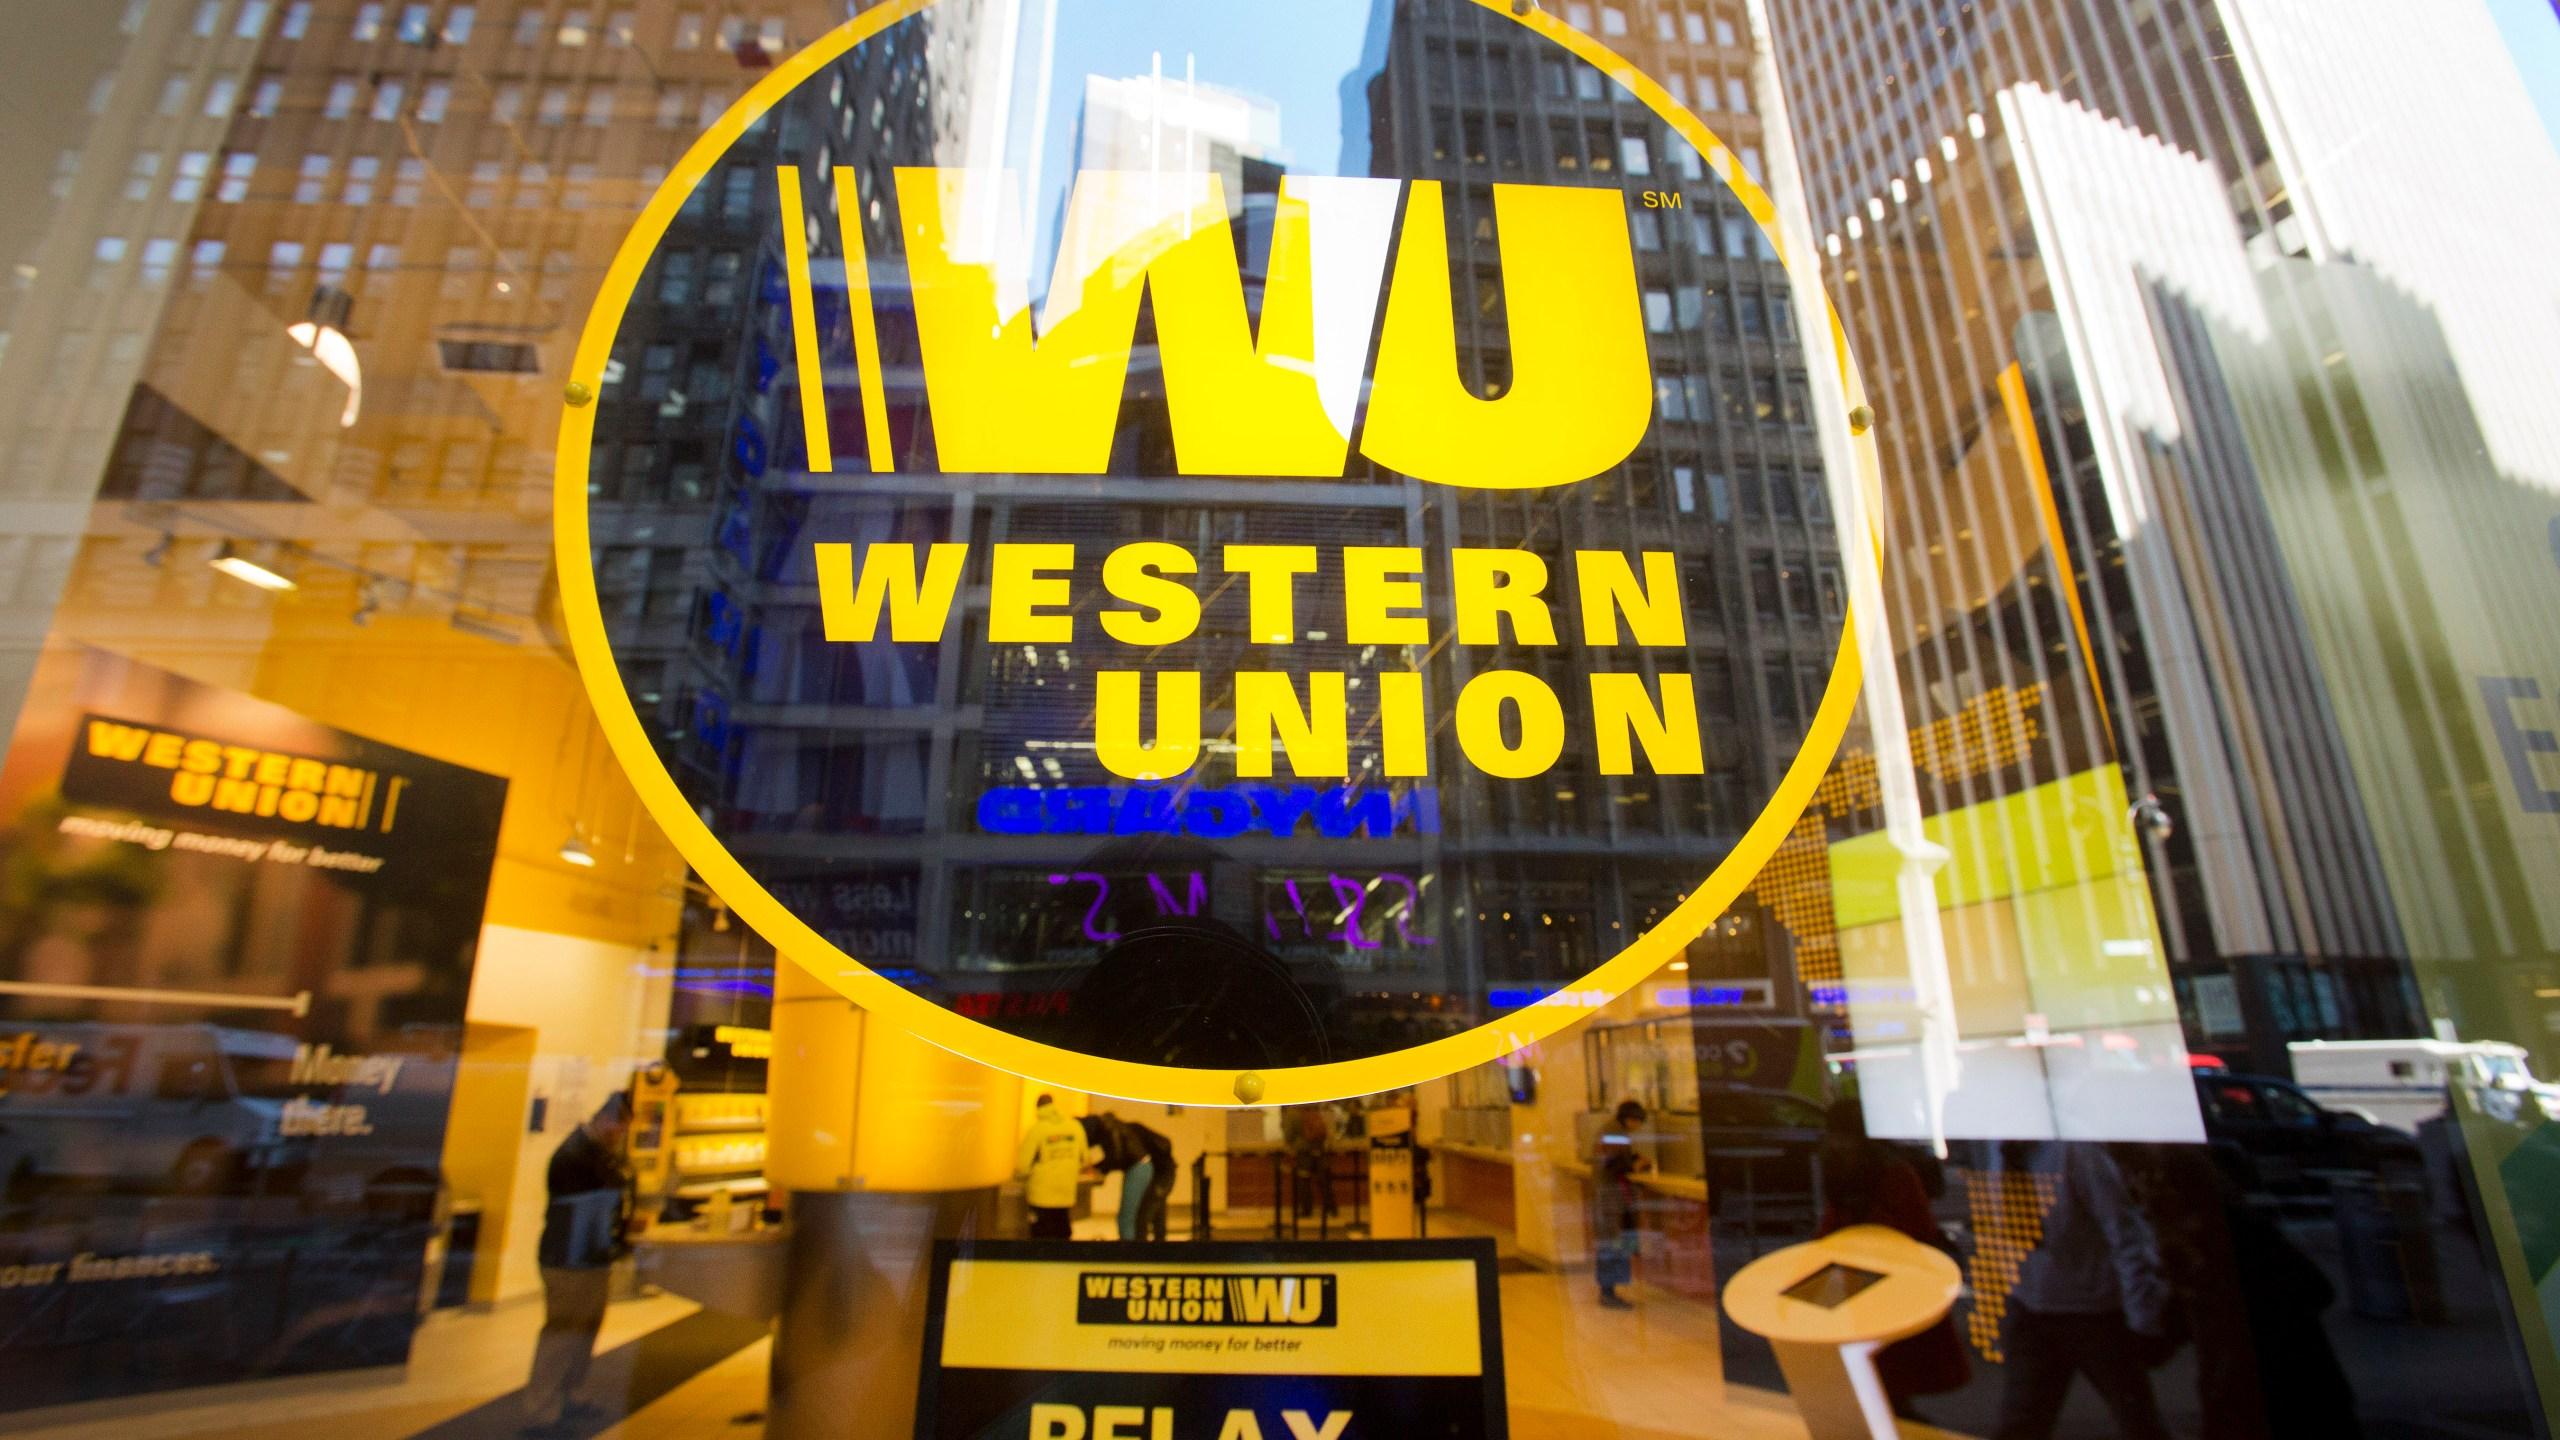 Western Union_1517247104334